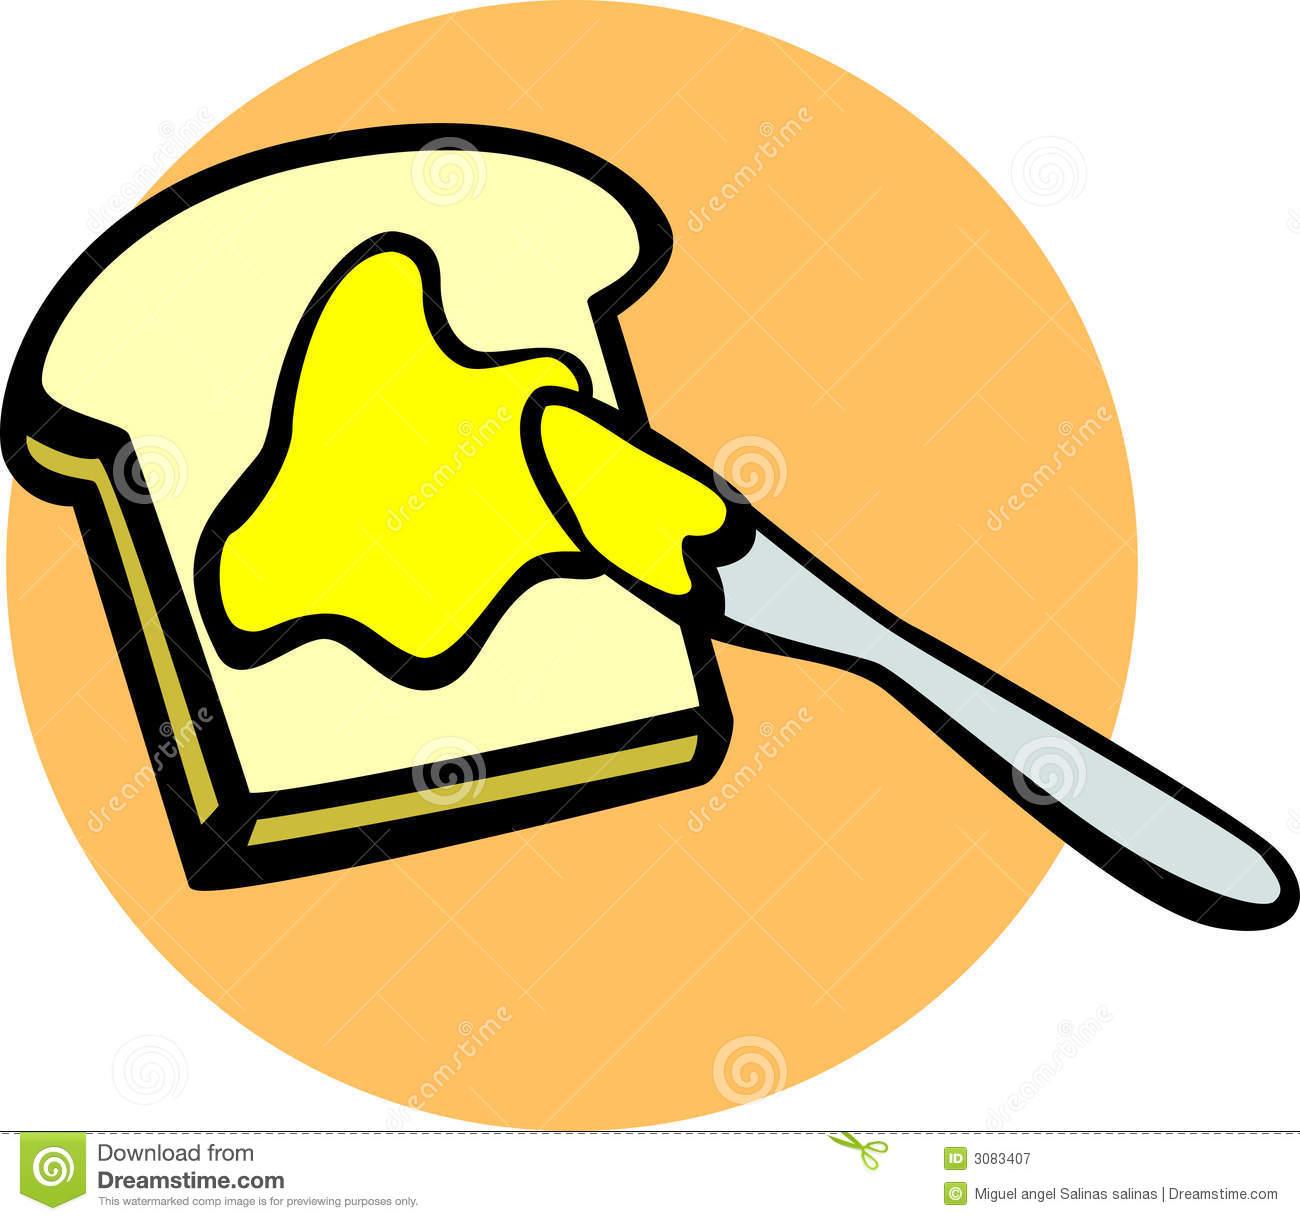 butter clip art free clipart panda free clipart images rh clipartpanda com butter clip art for email peanut butter clipart